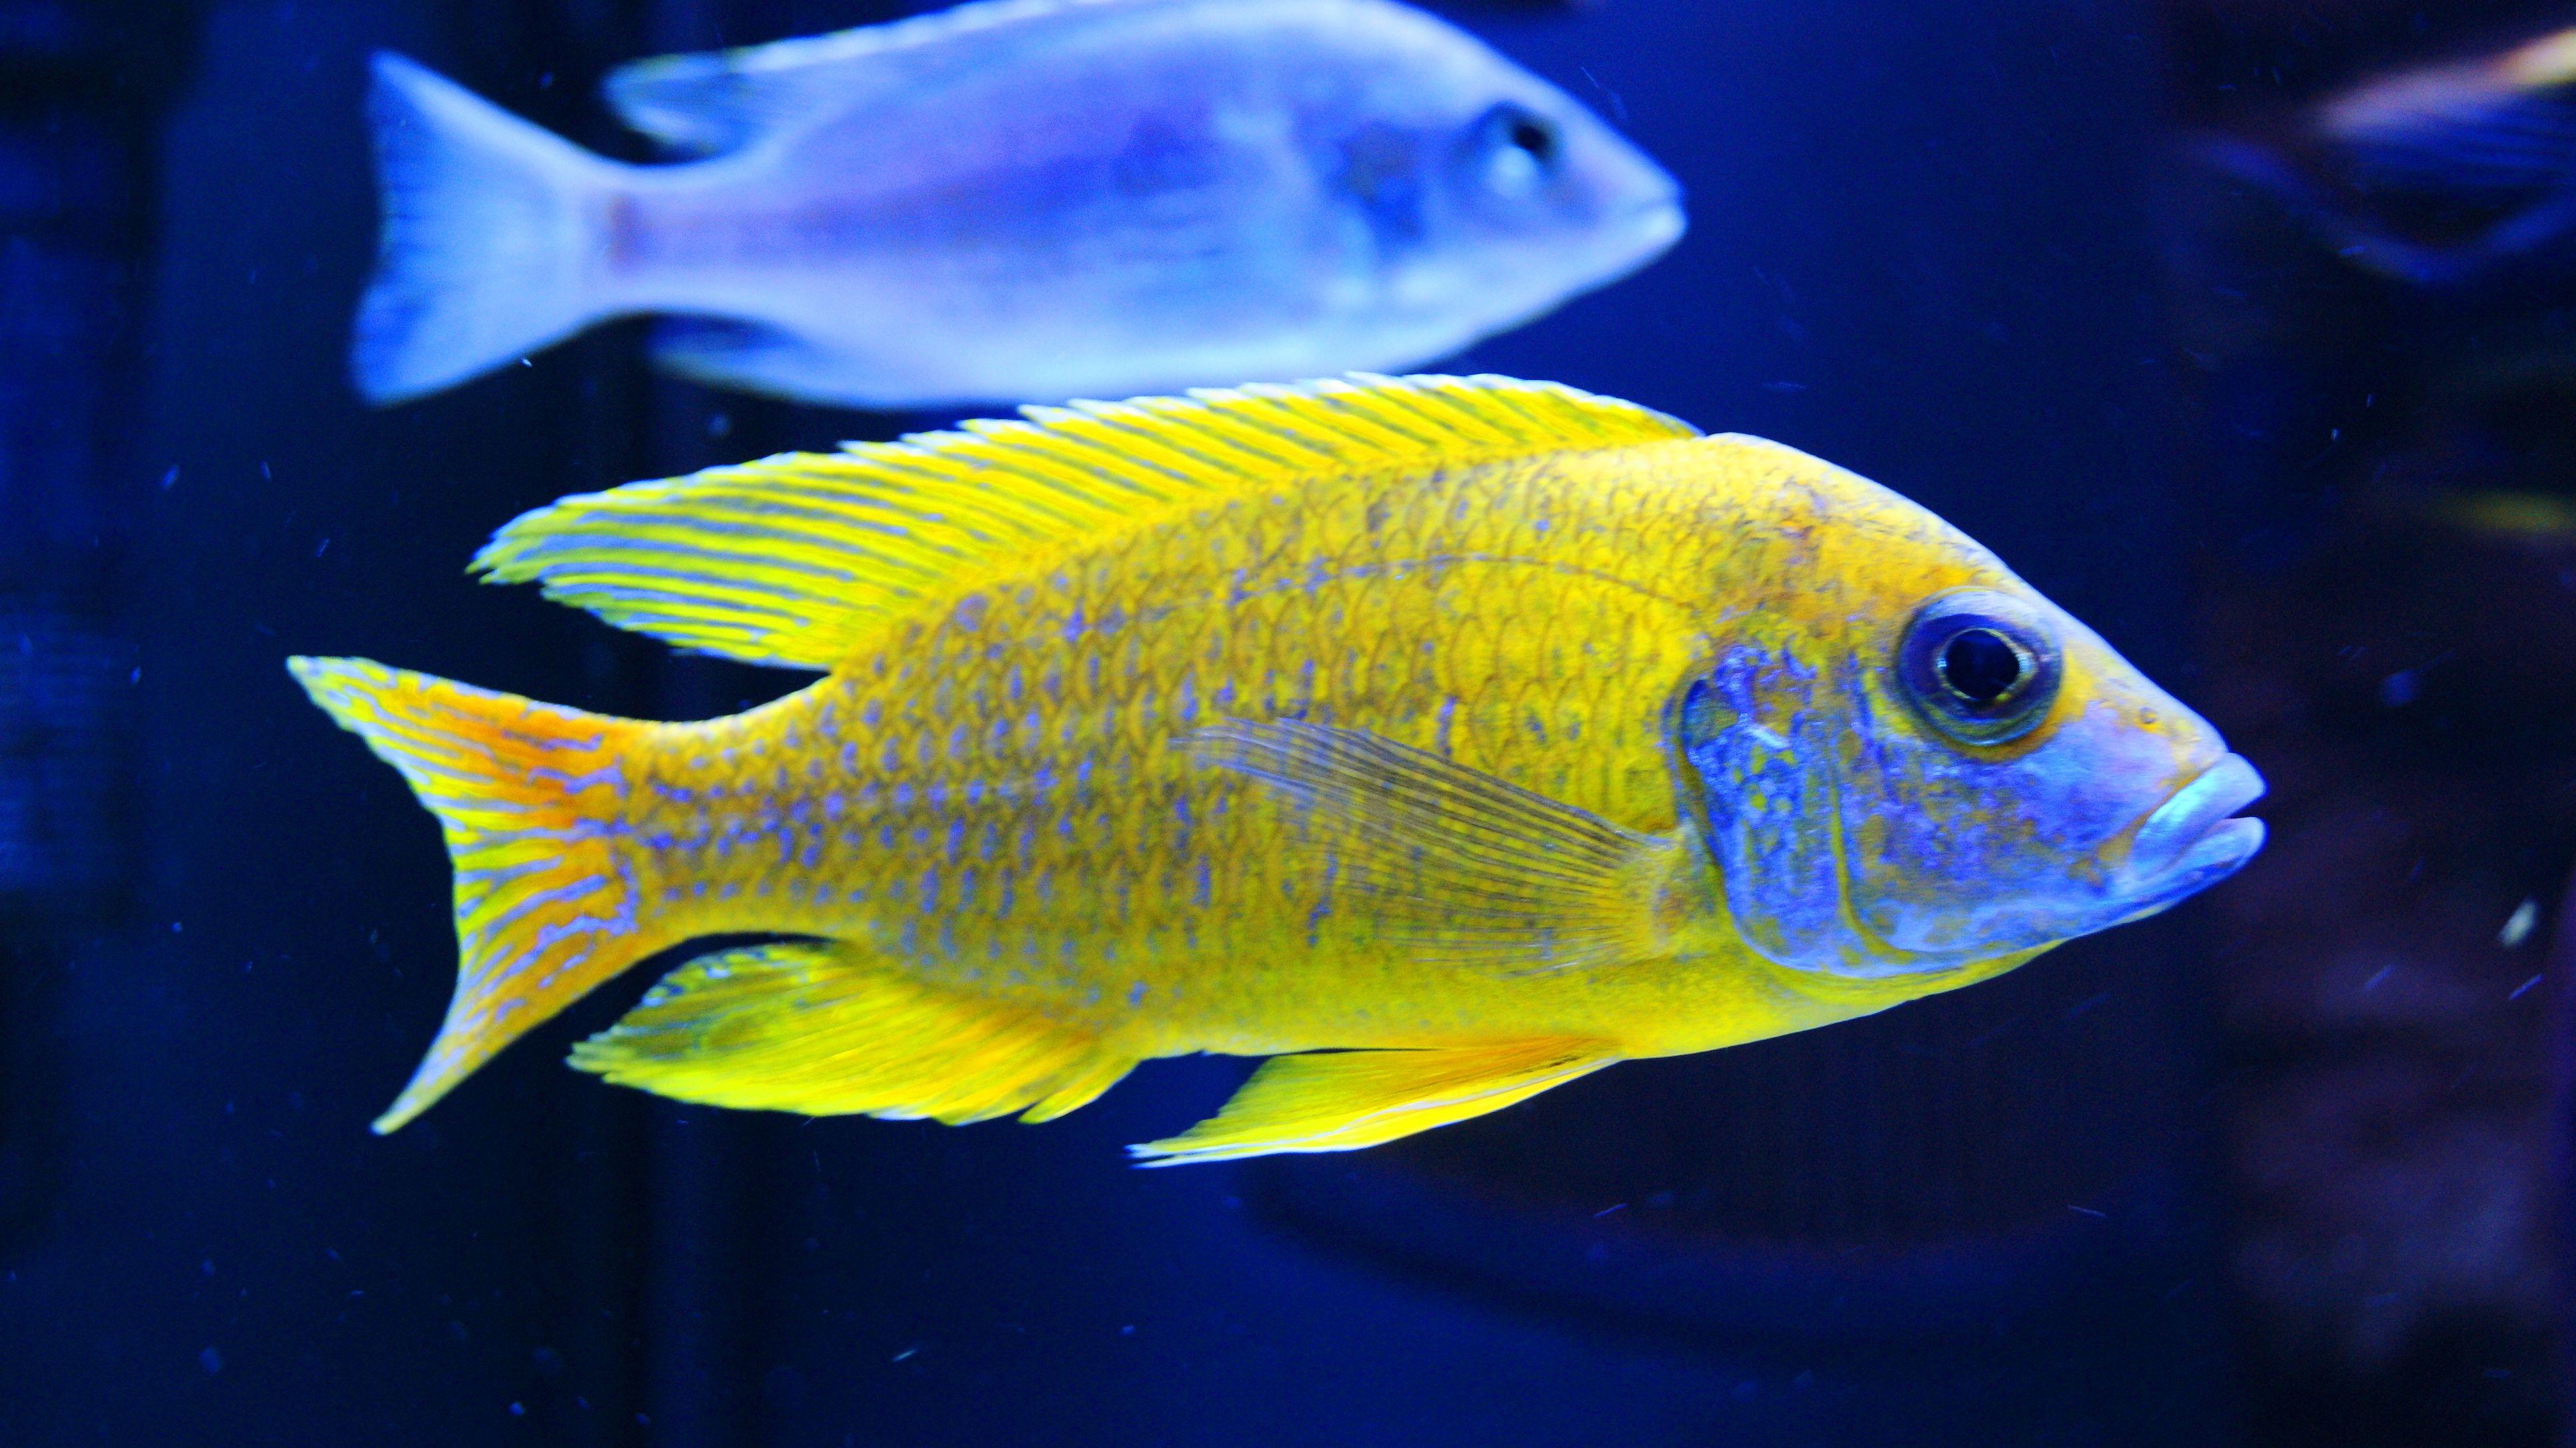 Aulonocara Sp Stuartgranti Maleri Sunshine Peacock Cichlid Freshwater Aquarium Fish Tropical Fish Aquarium Cichlids